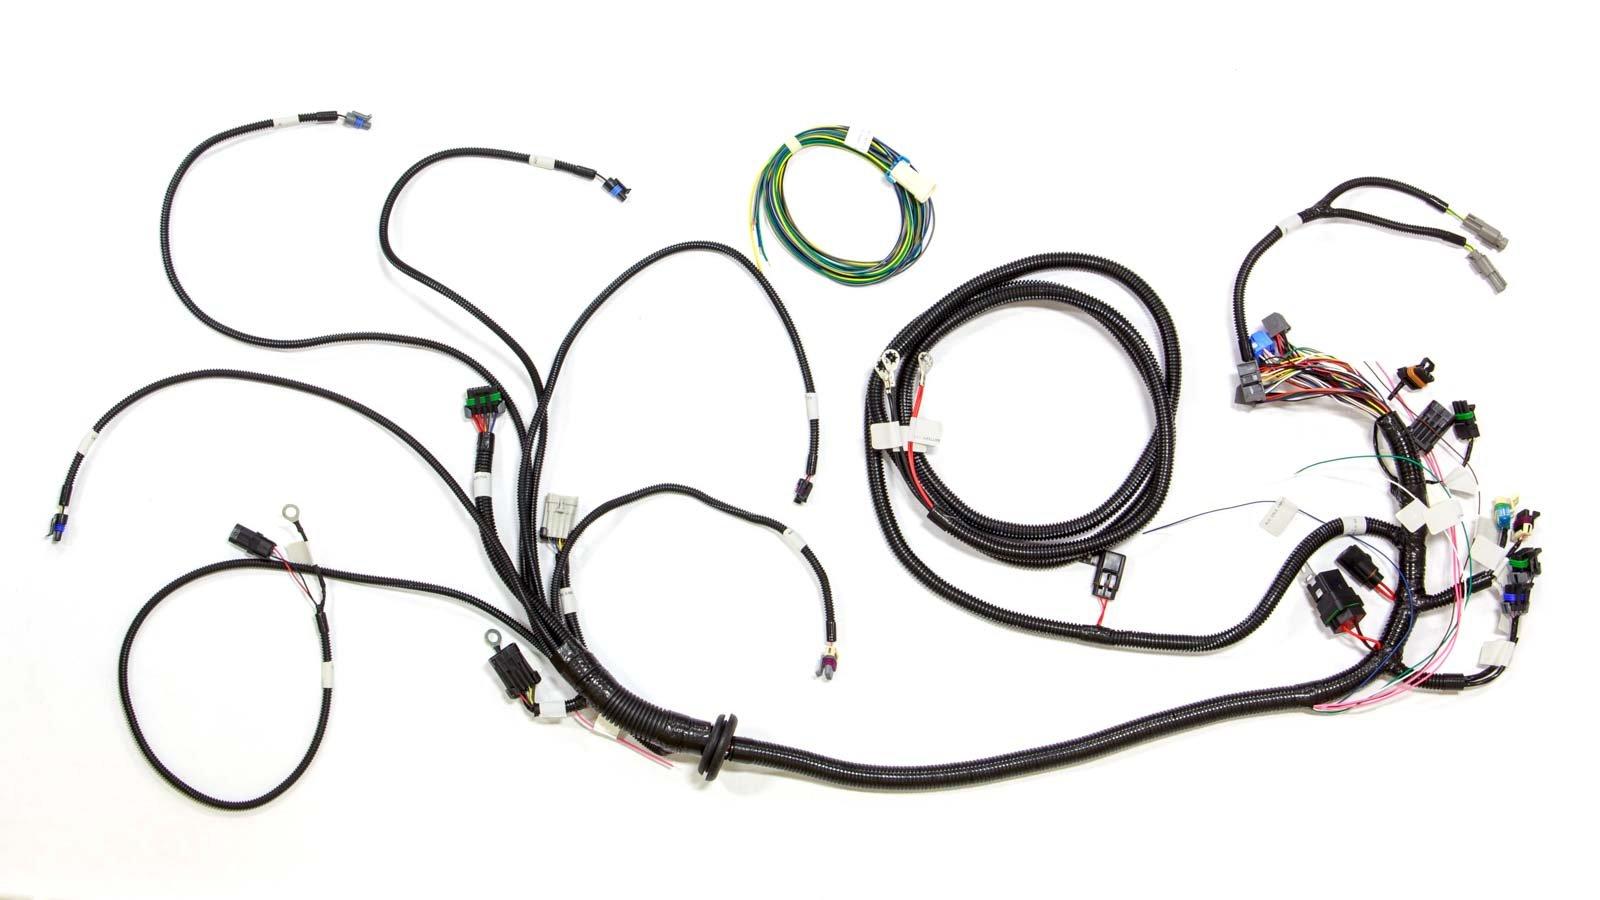 COMP Cams 301108 Wiring Harness (Main Ls1 Ls2 Ls6 Ls7)